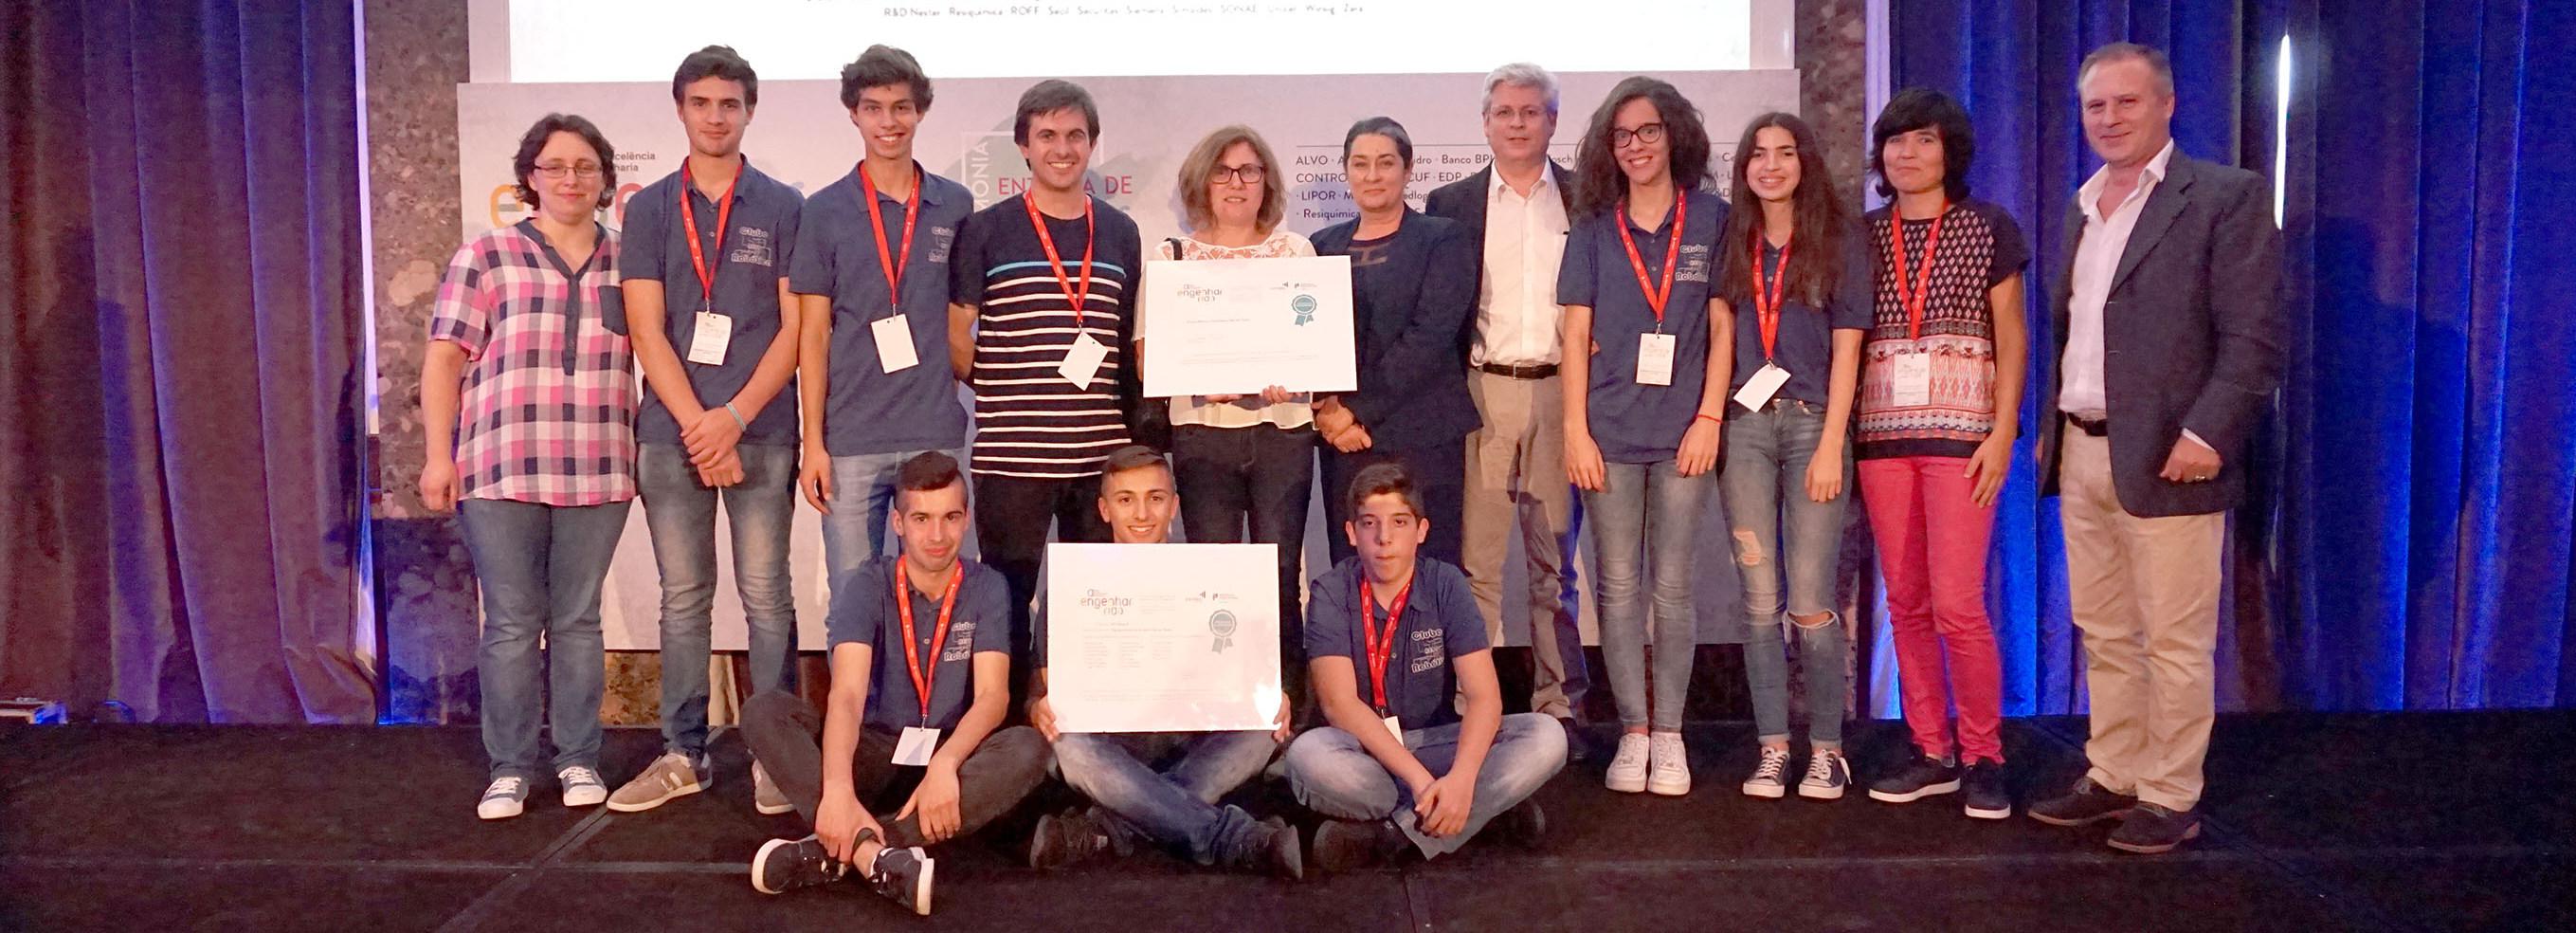 Agrupamento de Escolas do Vale do Tamel premiado pela COTEC